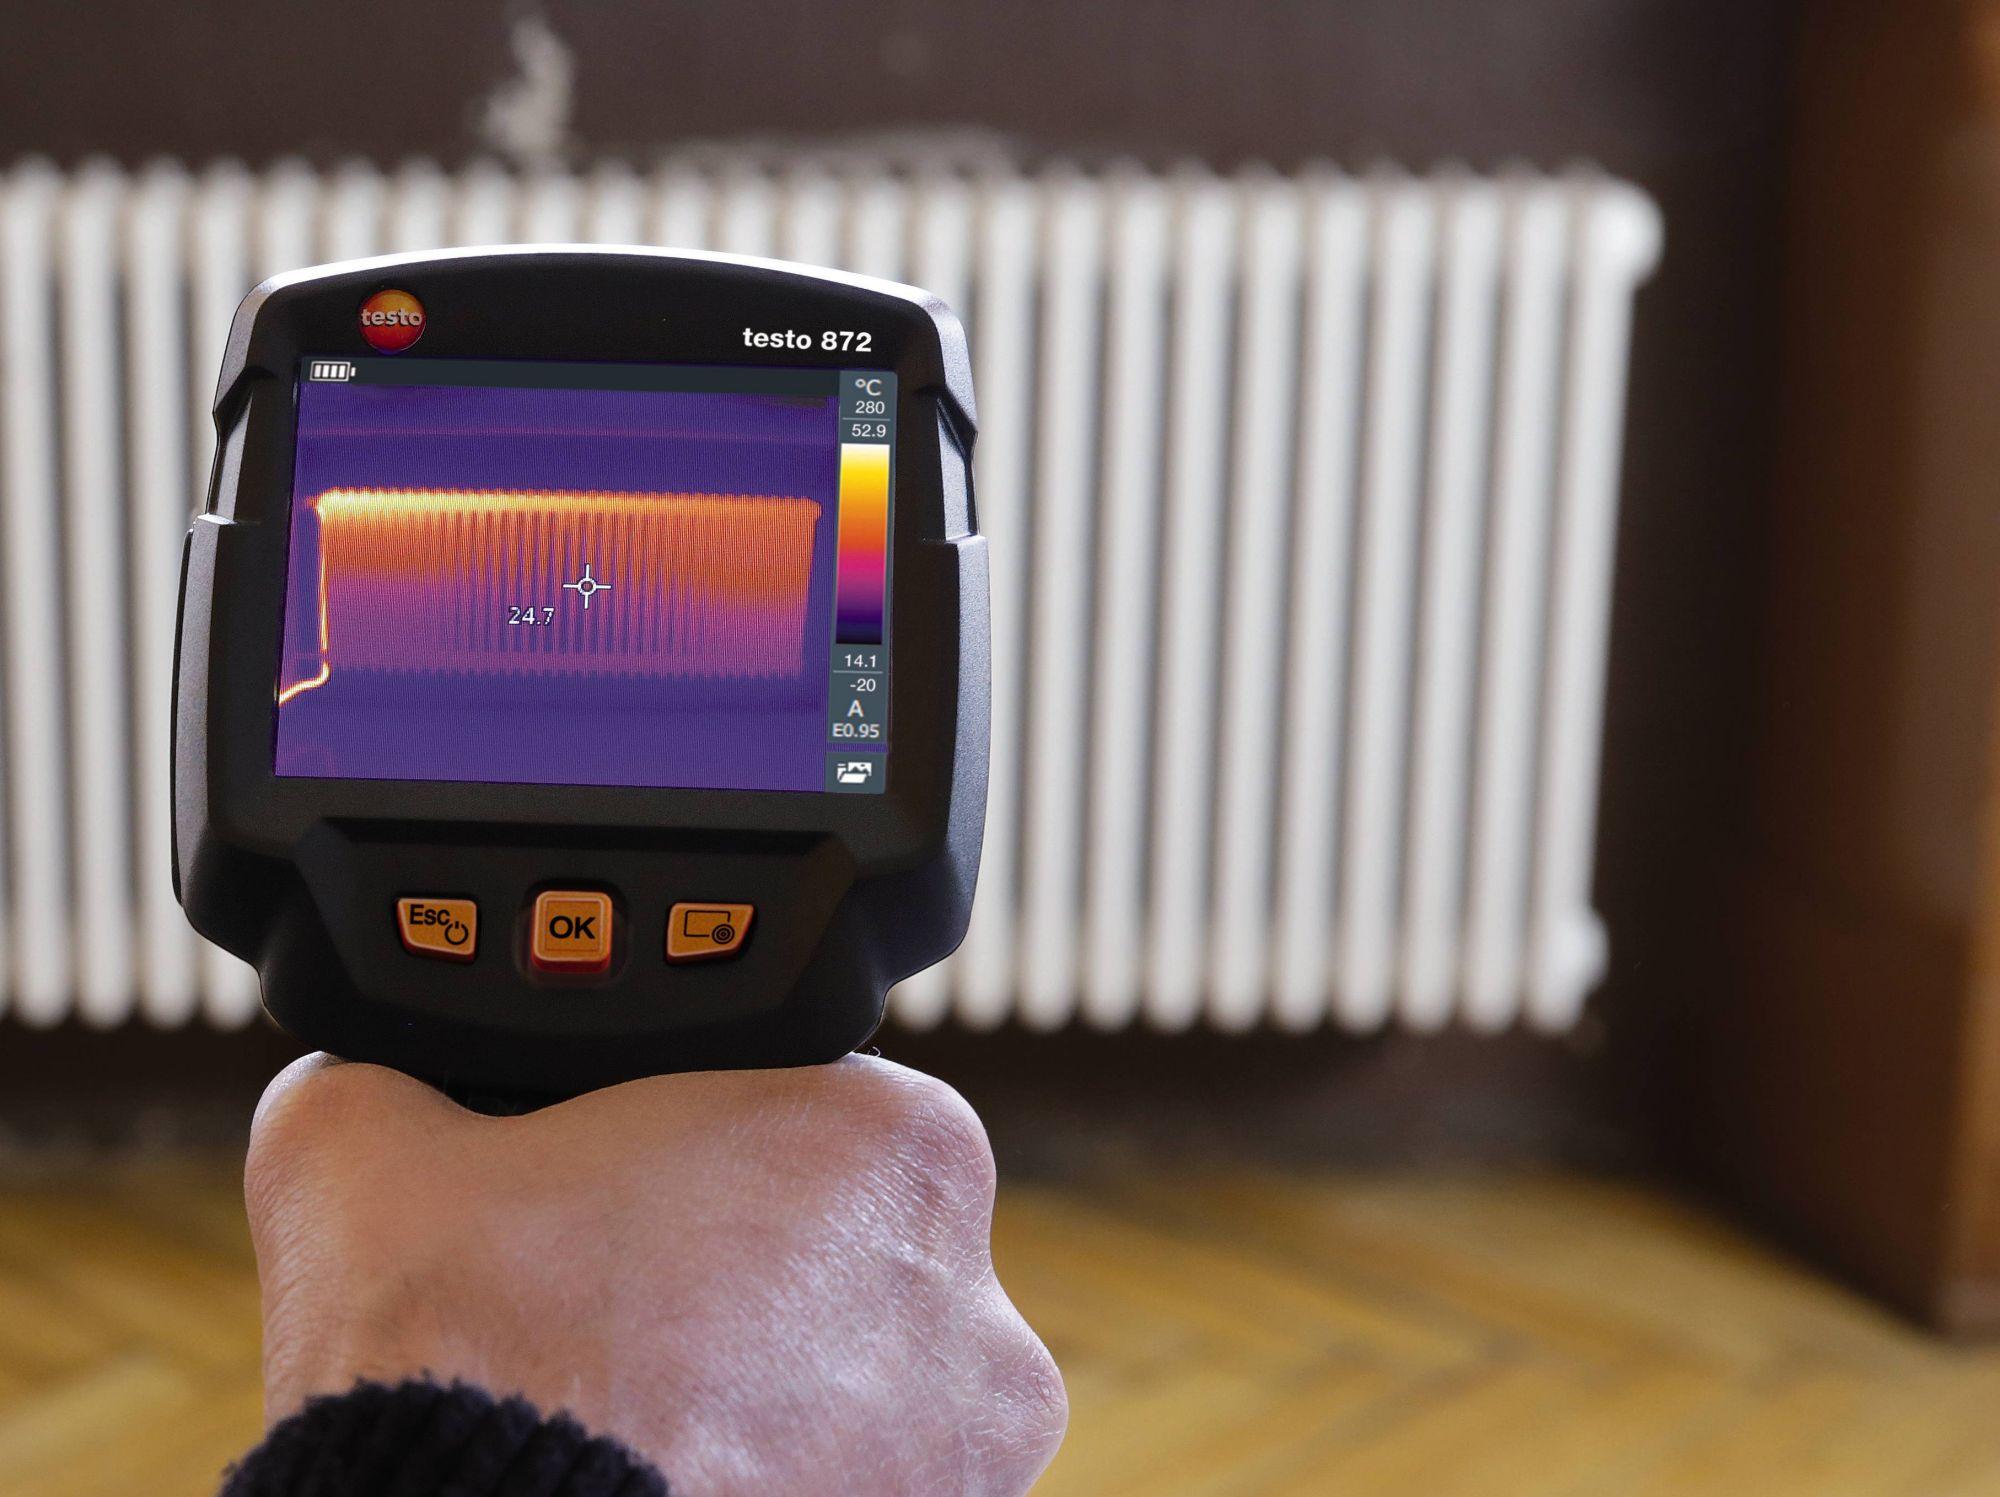 Thermografie - Testo Wärmebildkameras bieten viele Einsatzmöglichkeiten